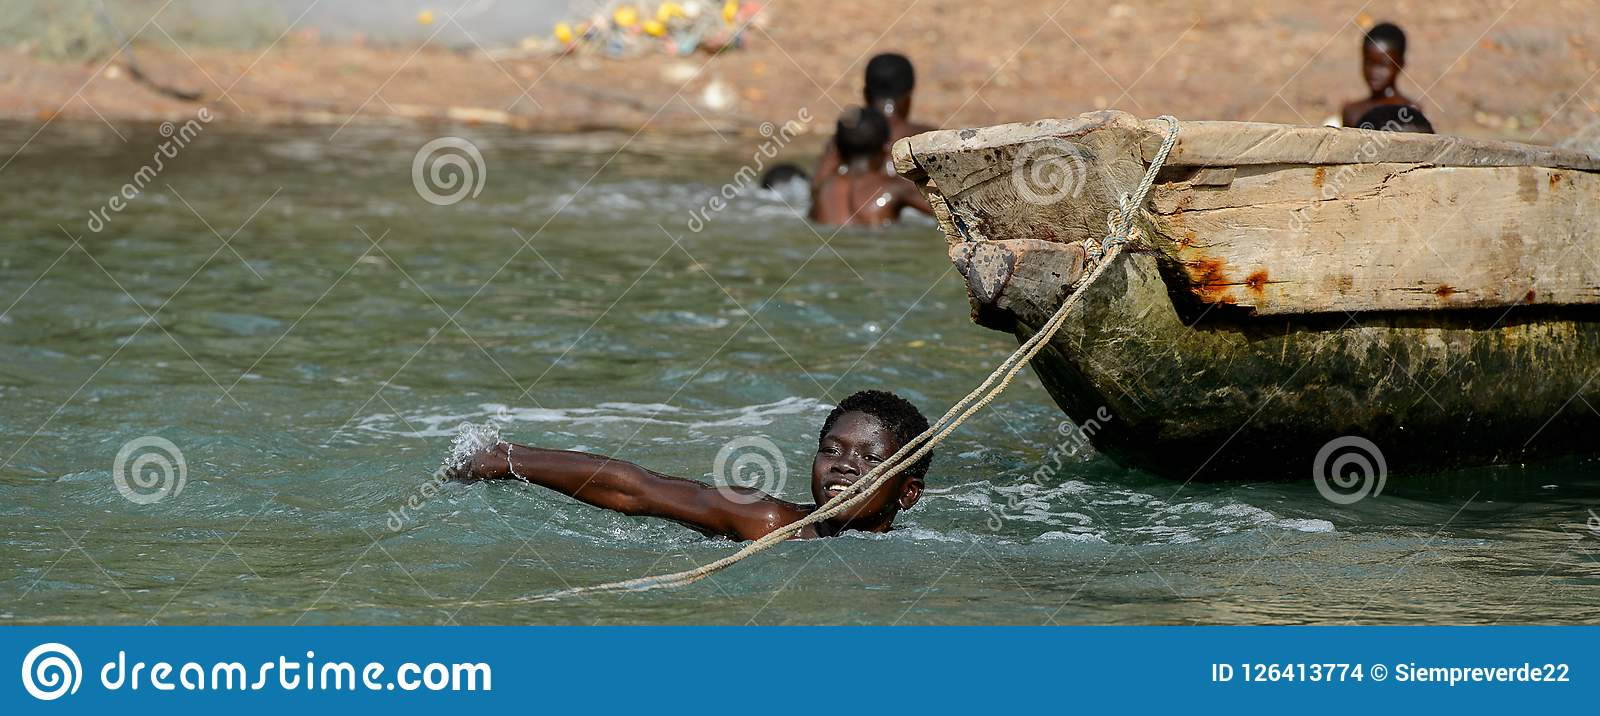 Niezidentyfikowana lokalna chłopiec pływa w wodzie podczas przypływu Obrazy Stock